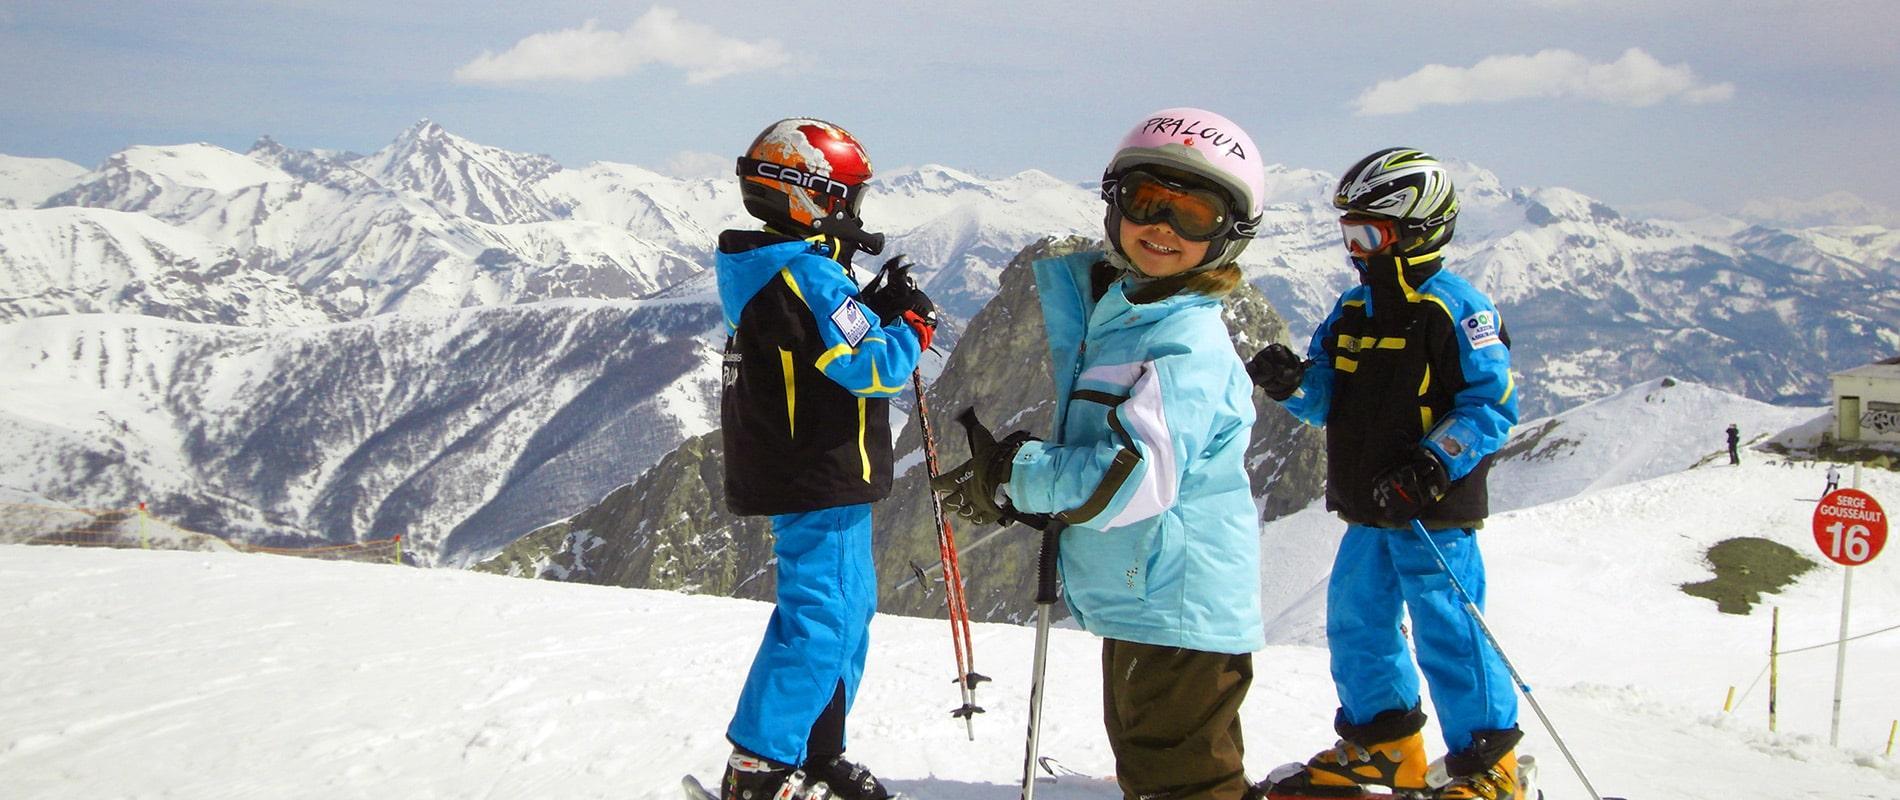 Cours particulier de ski Enfants (5-12 ans) - Basse saison